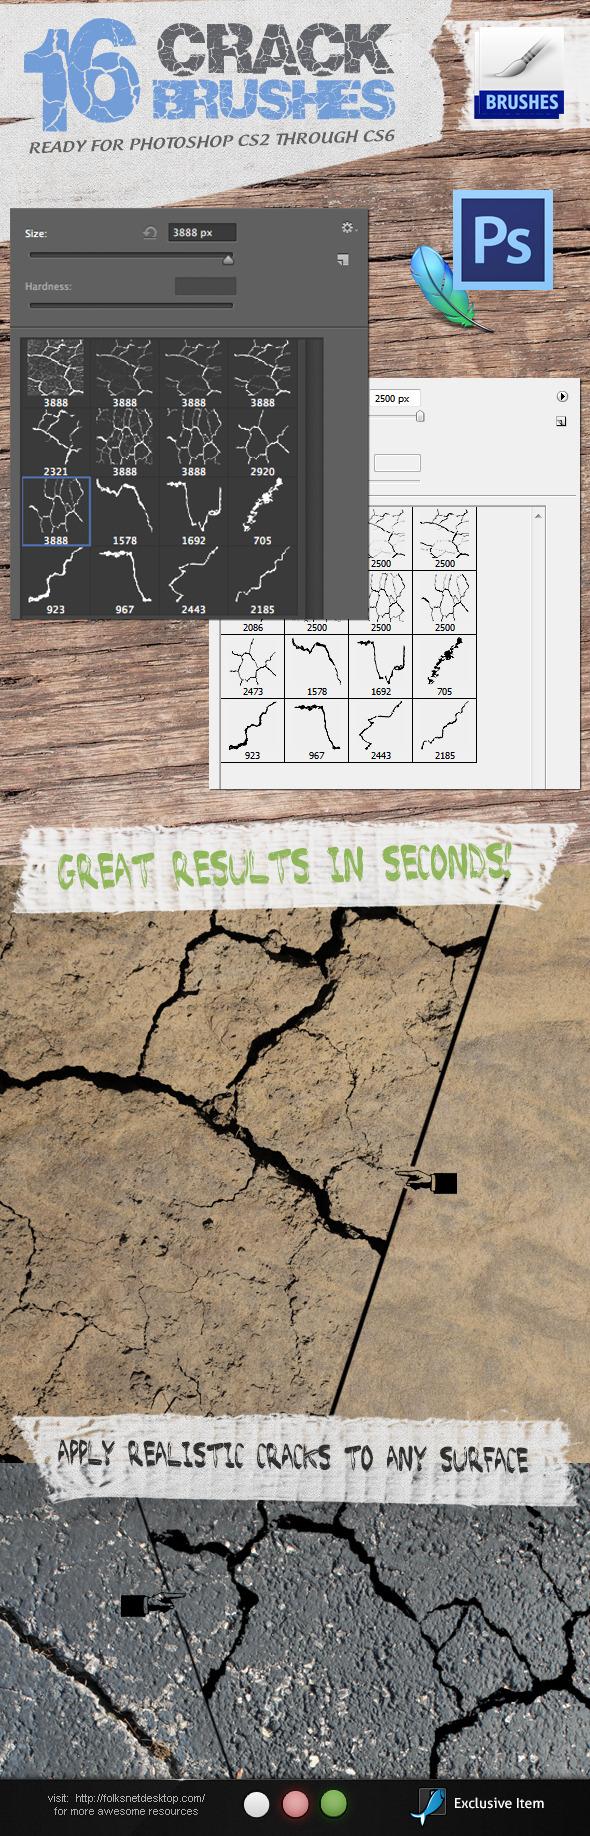 Crack Brushes - Brushes Photoshop